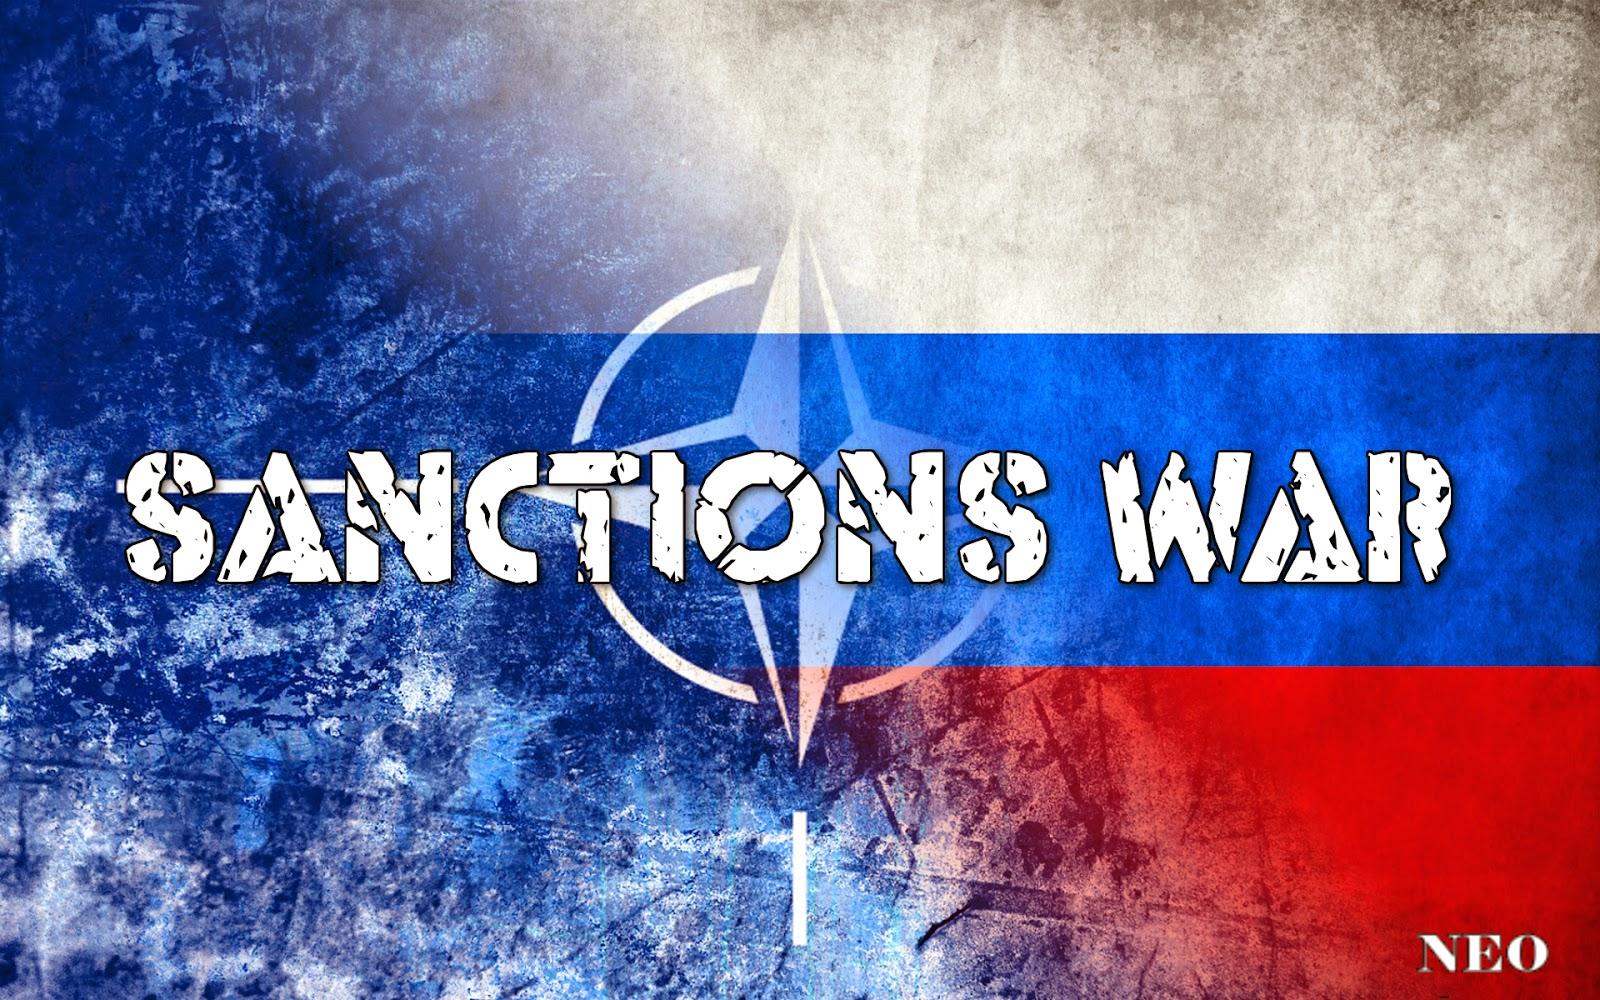 http://3.bp.blogspot.com/-fNqI7Y0ubYU/U9jJ5vDA2kI/AAAAAAAAJbY/Ehj958sz1FE/s1600/Sanctions.jpg